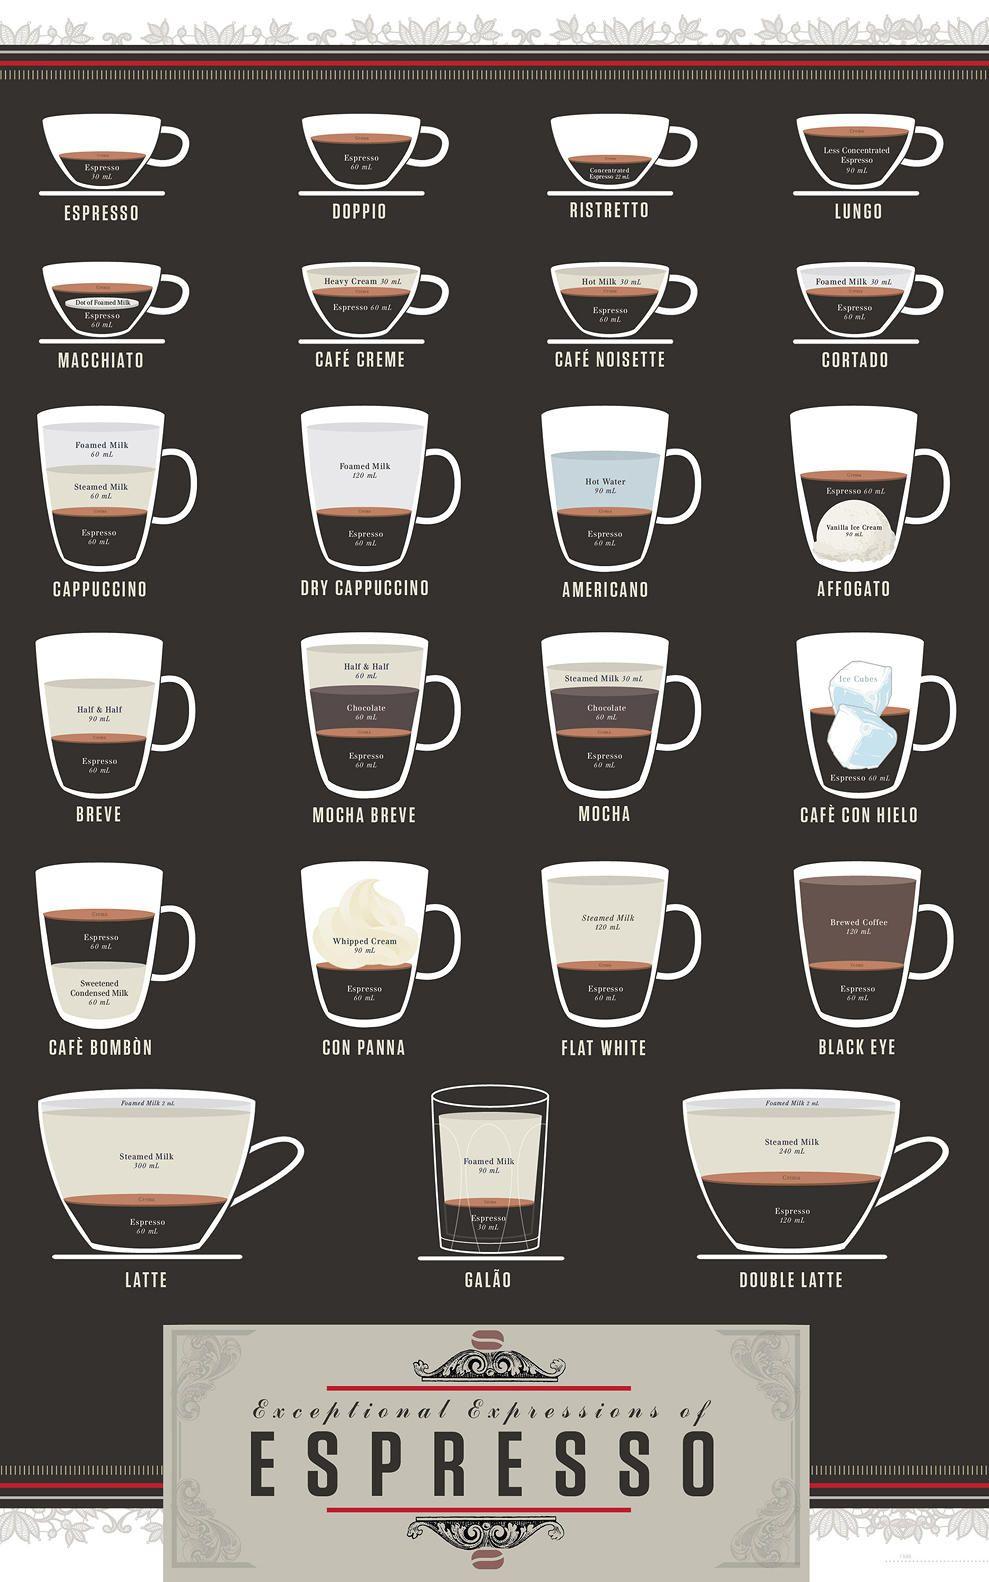 How To Make A Breve Espresso Drink